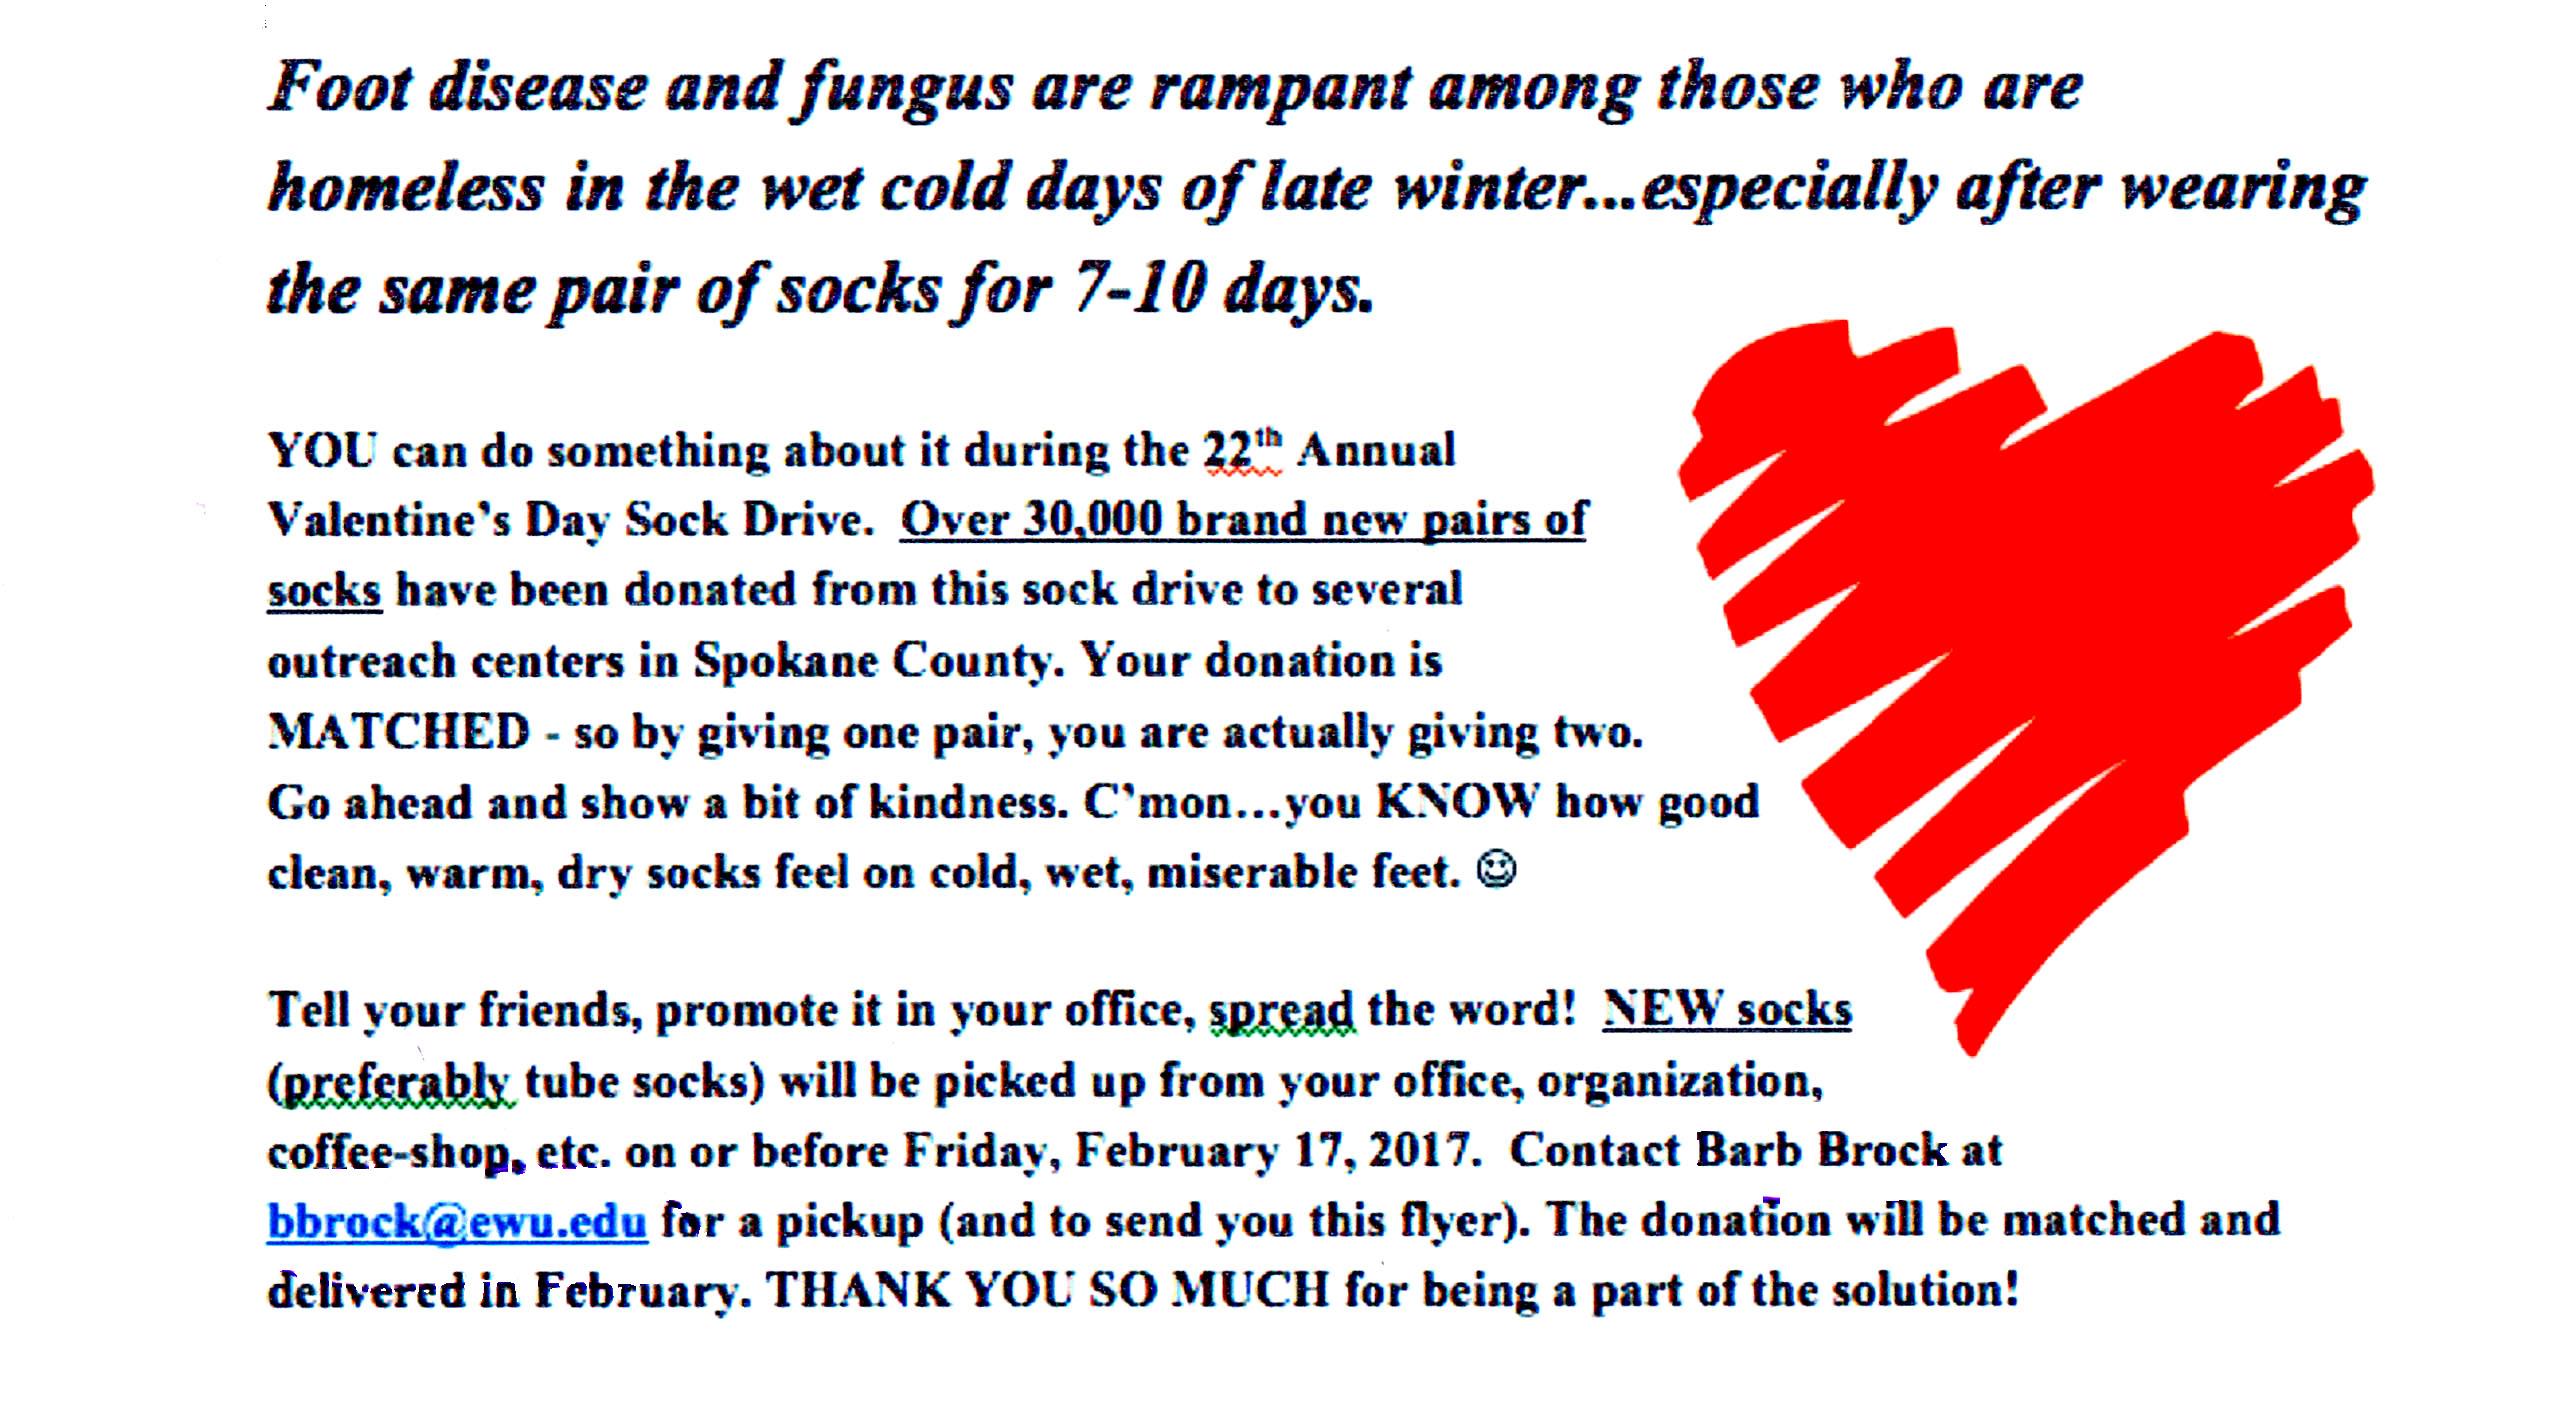 socks-for-homeless_001